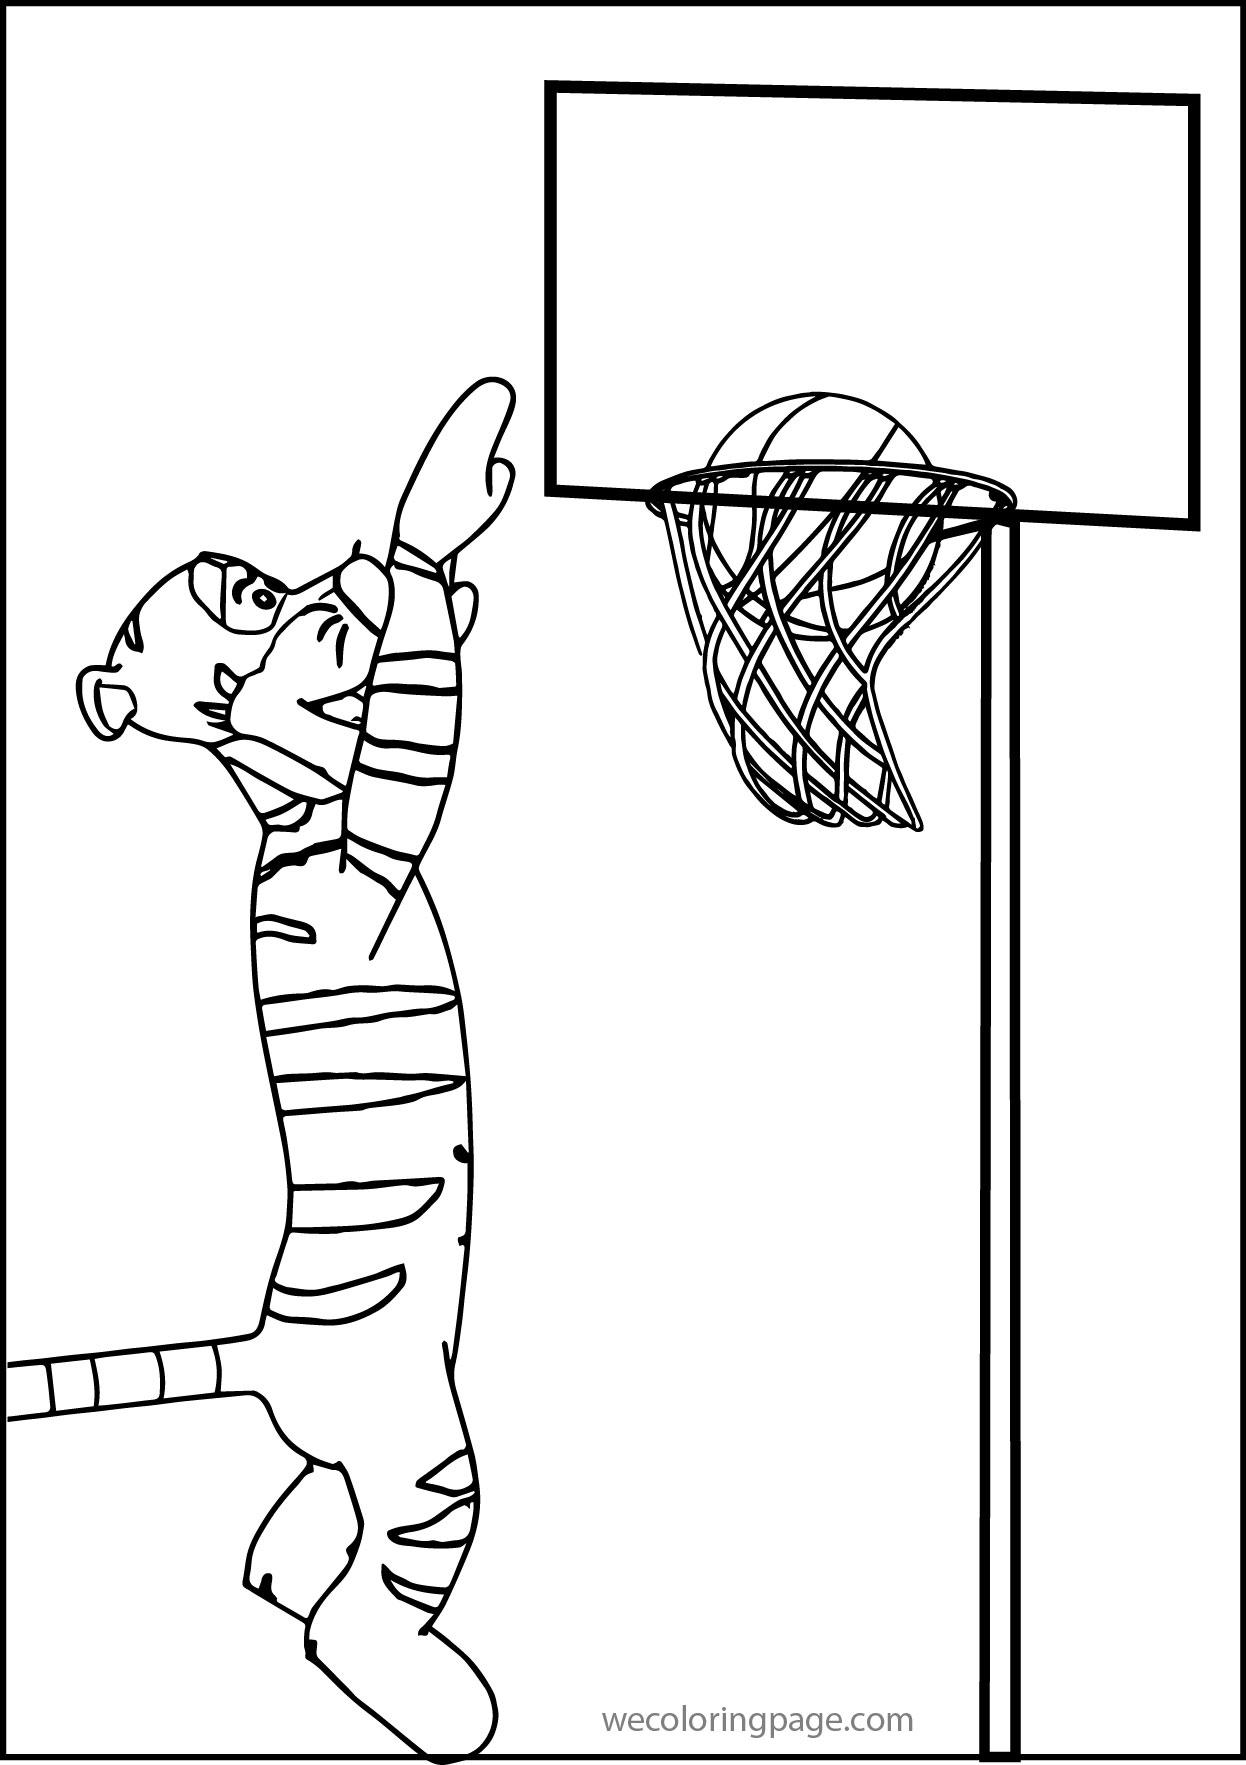 tigger play basketball coloring page 01